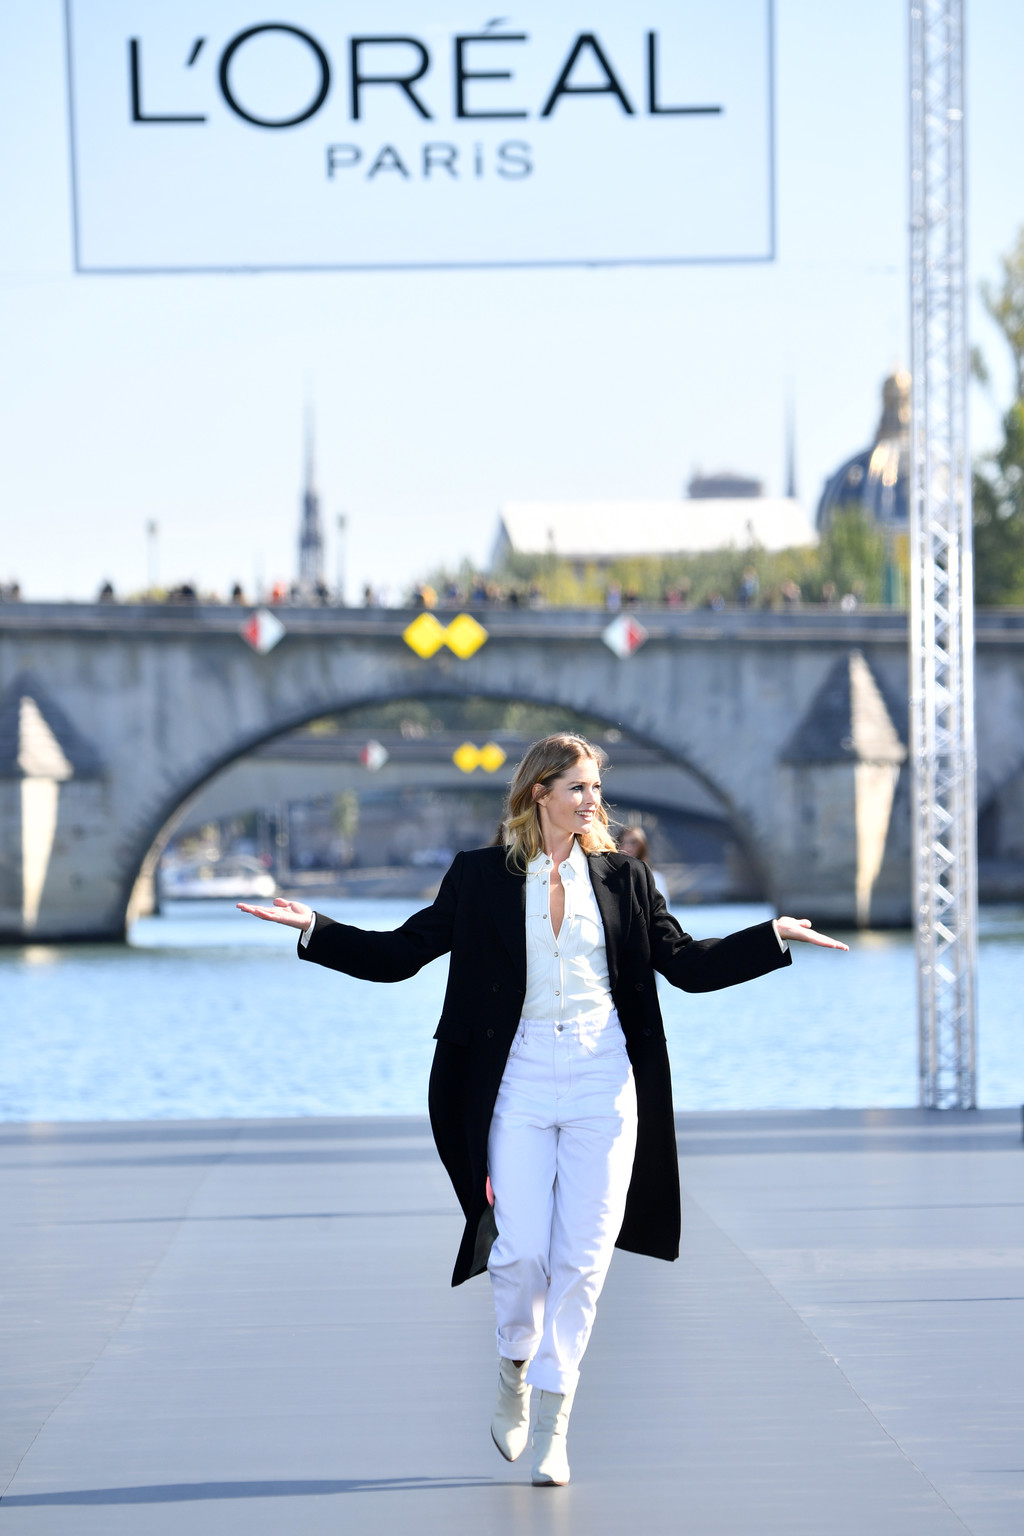 Los 15 mejores looks que nos dejó el enorme espectáculo del desfile de L'Oréal en Paris